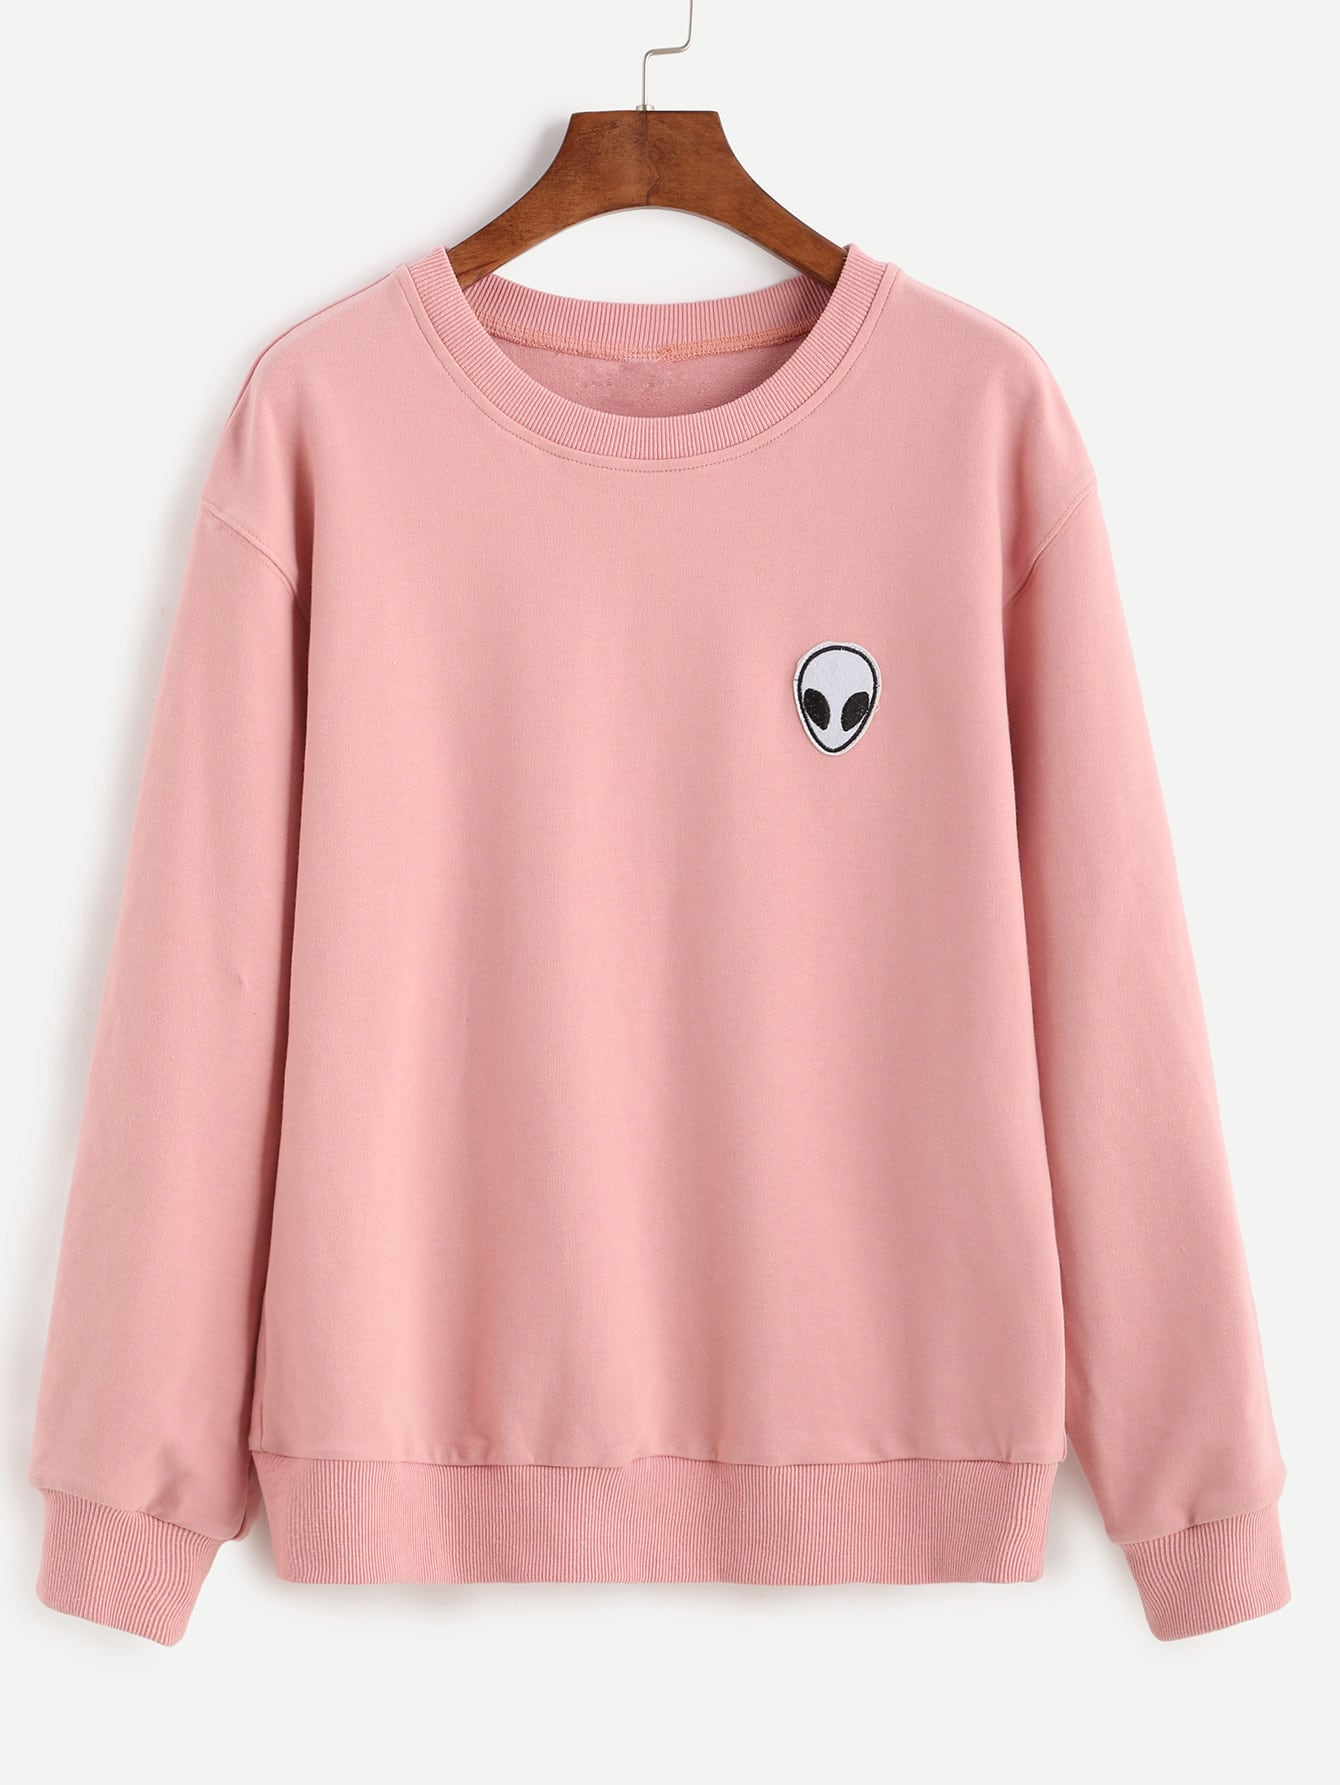 Купить со скидкой Pink Drop Shoulder Sweatshirt With Alien Patch